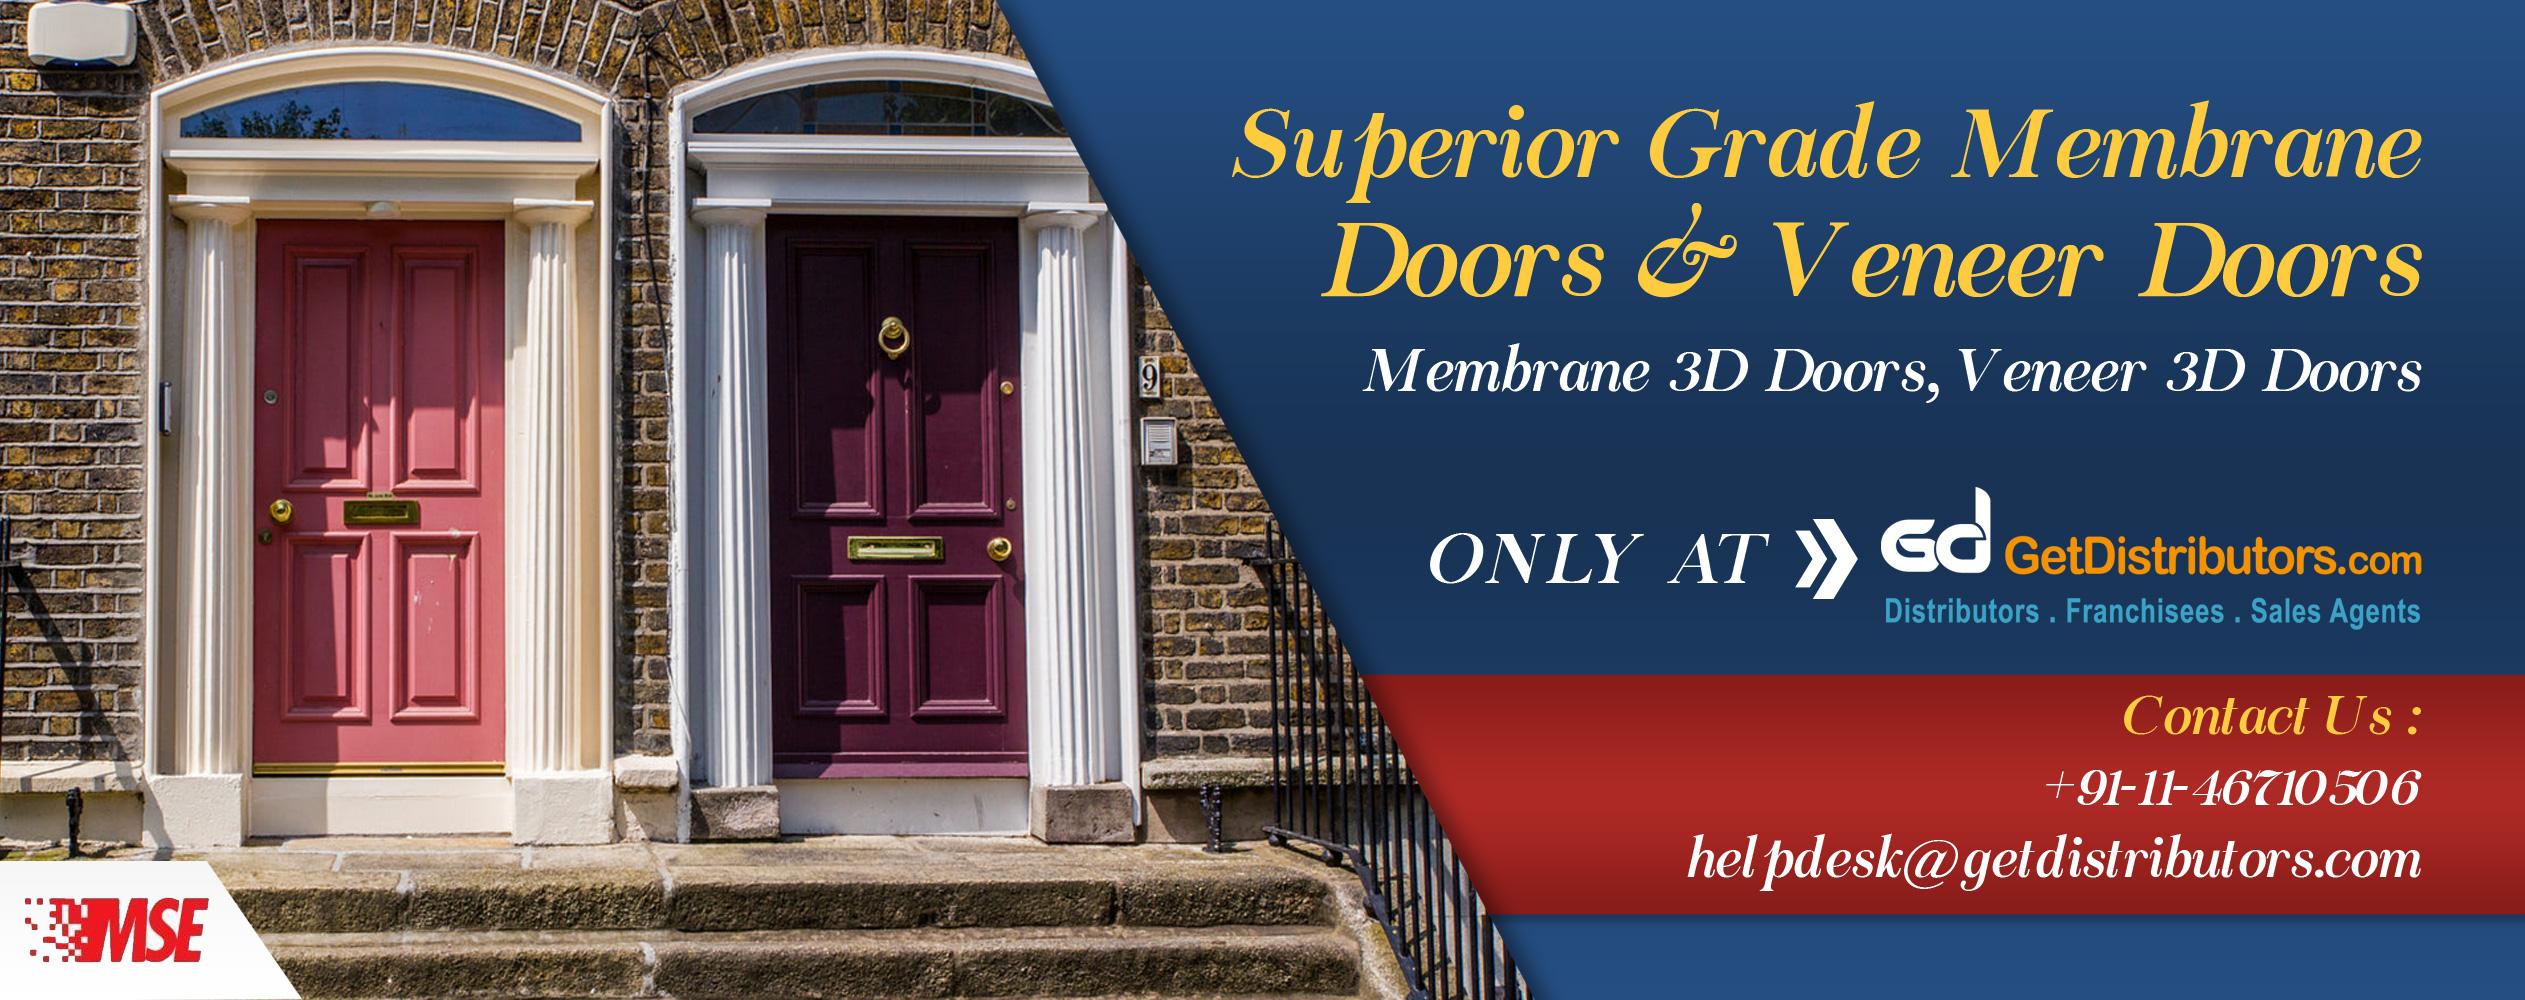 Superior Grade Membrane Doors & Veneer Doors Distributors